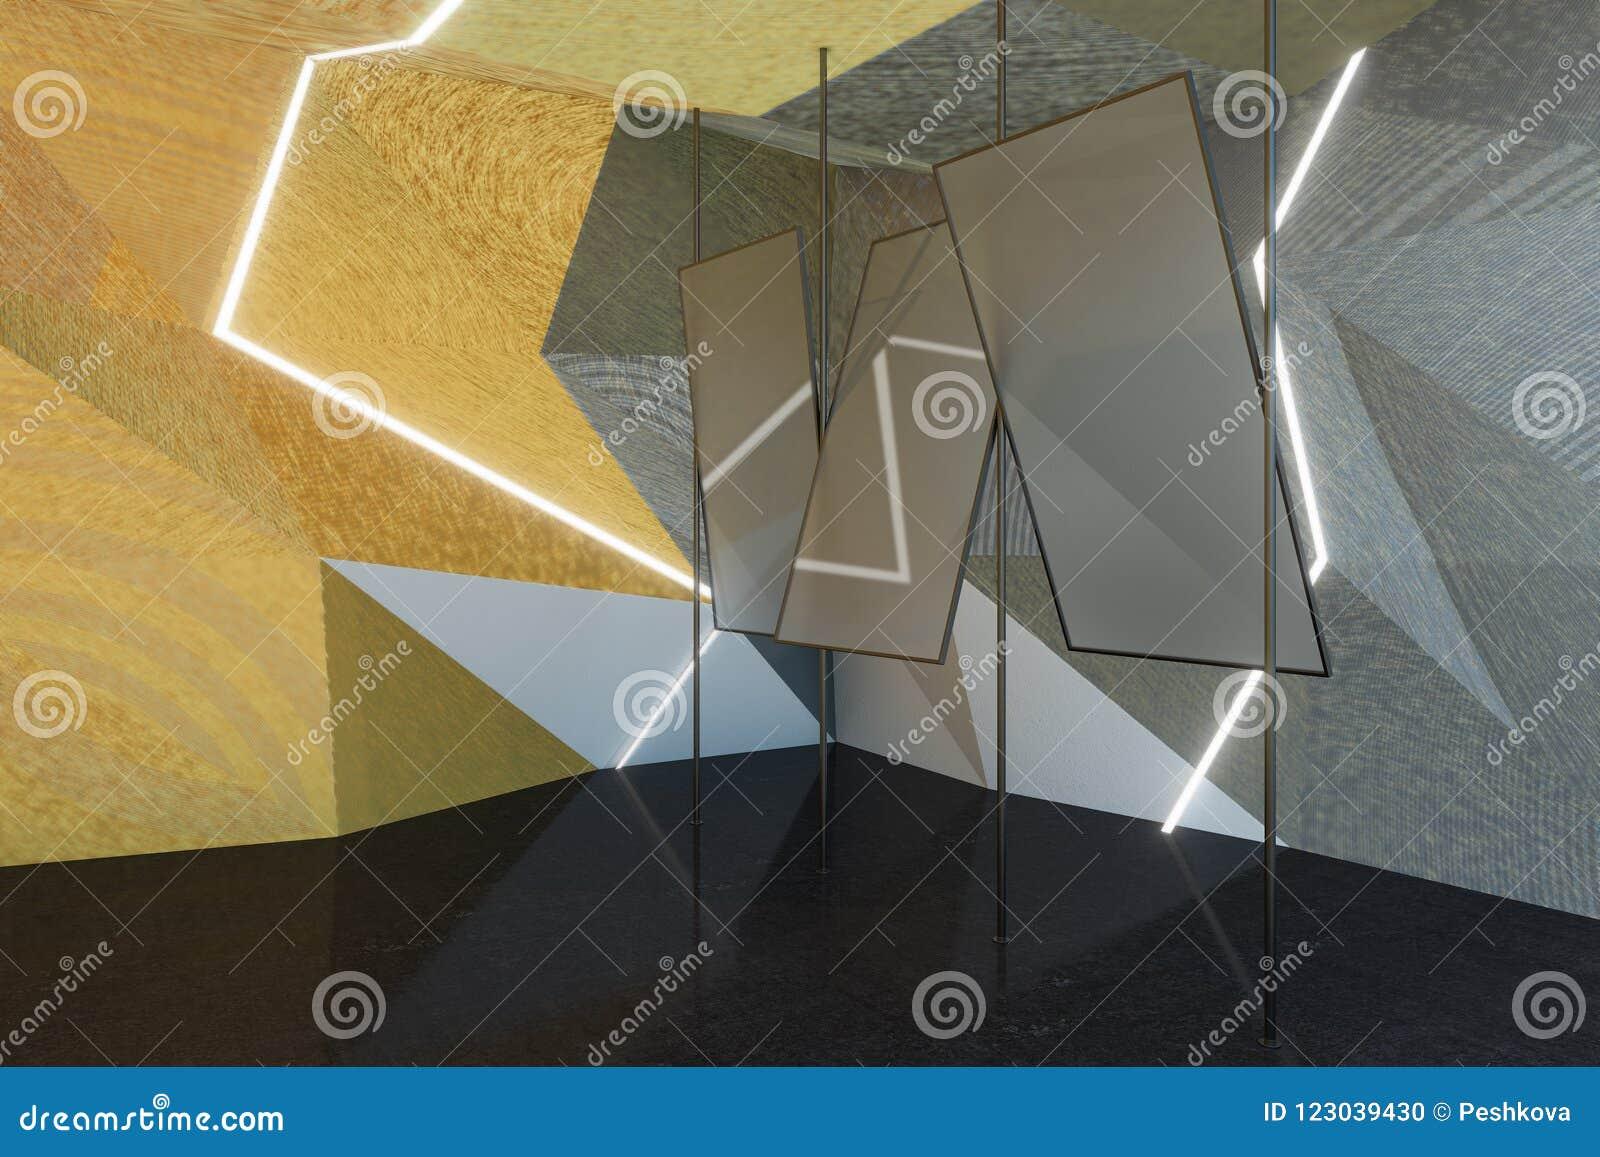 Abstracte grijze ruimte met spiegels